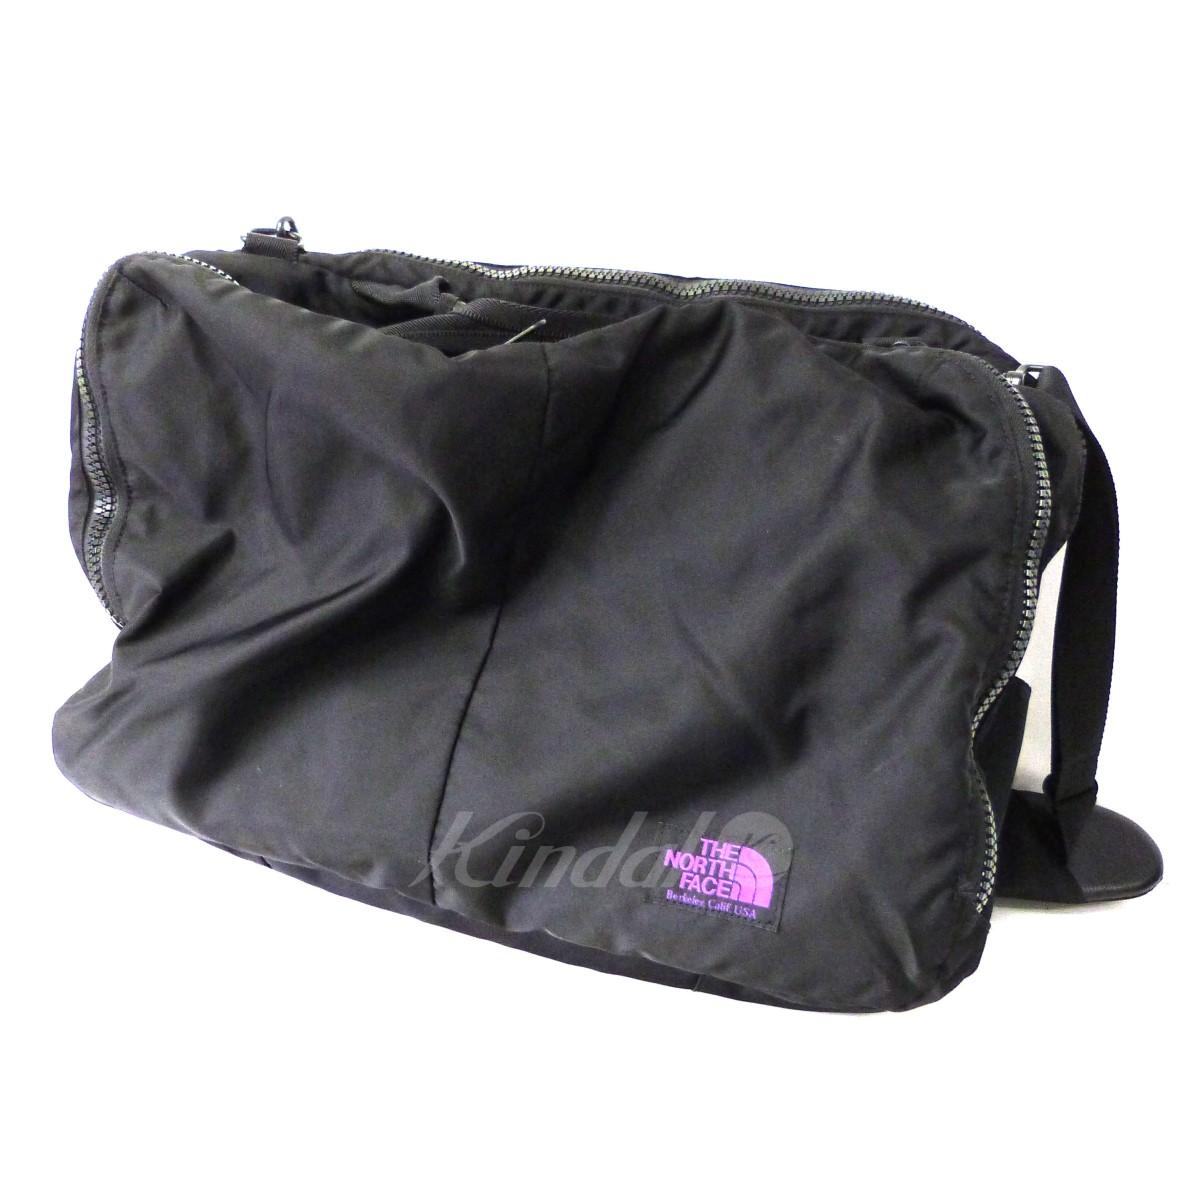 【中古】THE NORTH FACE PURPLE LABEL 「3way Bag」3WAYバッグ ブラック サイズ:- 【送料無料】 【051018】(ザノースフェイスパープルレーベル)